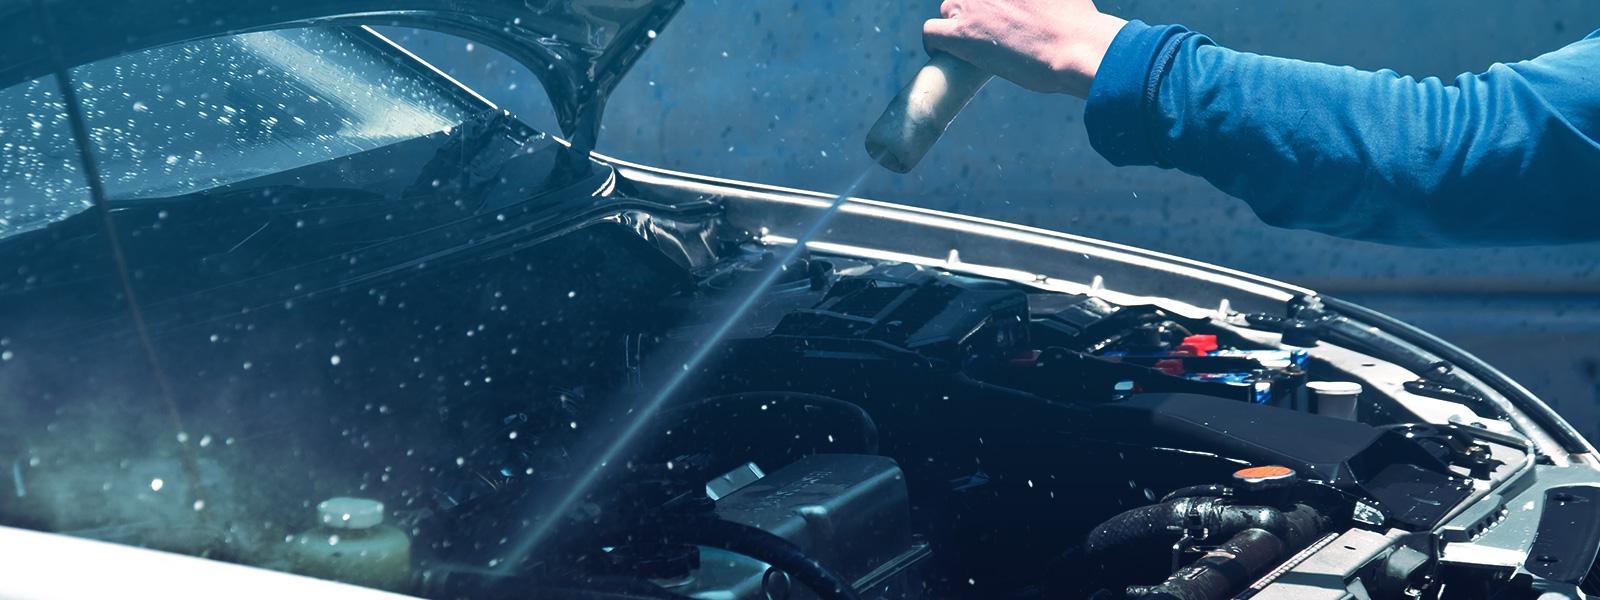 motor-seu-carro-seguranca-blog-ceabs-como-lavar